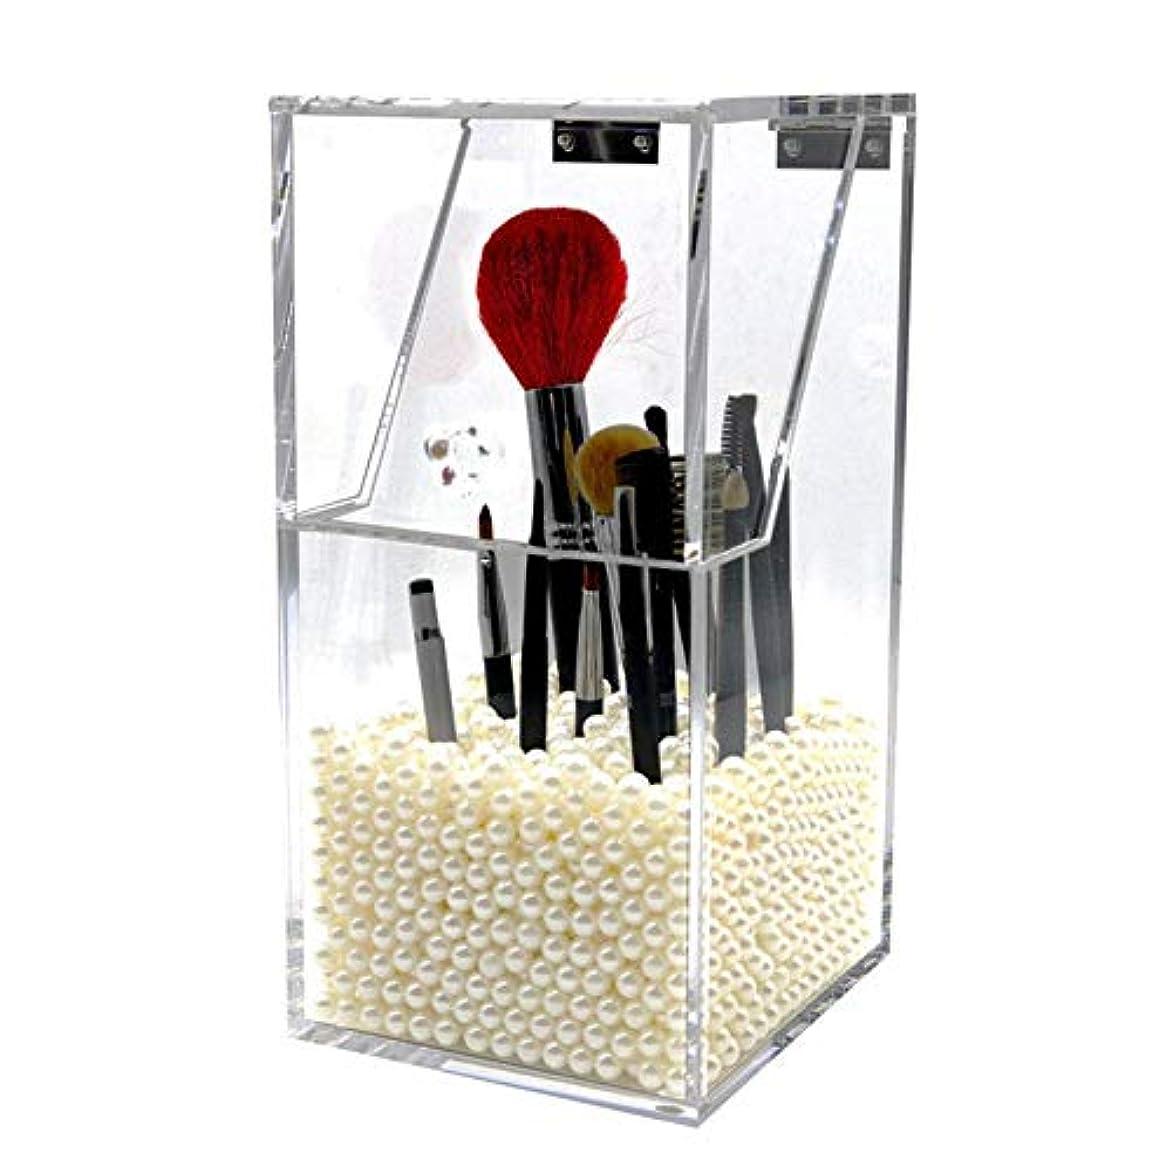 ストリーム種故国ITTE アクリル 透明な化粧箱真珠収納ボックス ブラシペンシル 口紅ポリッシュ防塵の化粧道具組織者 (ホワイト)